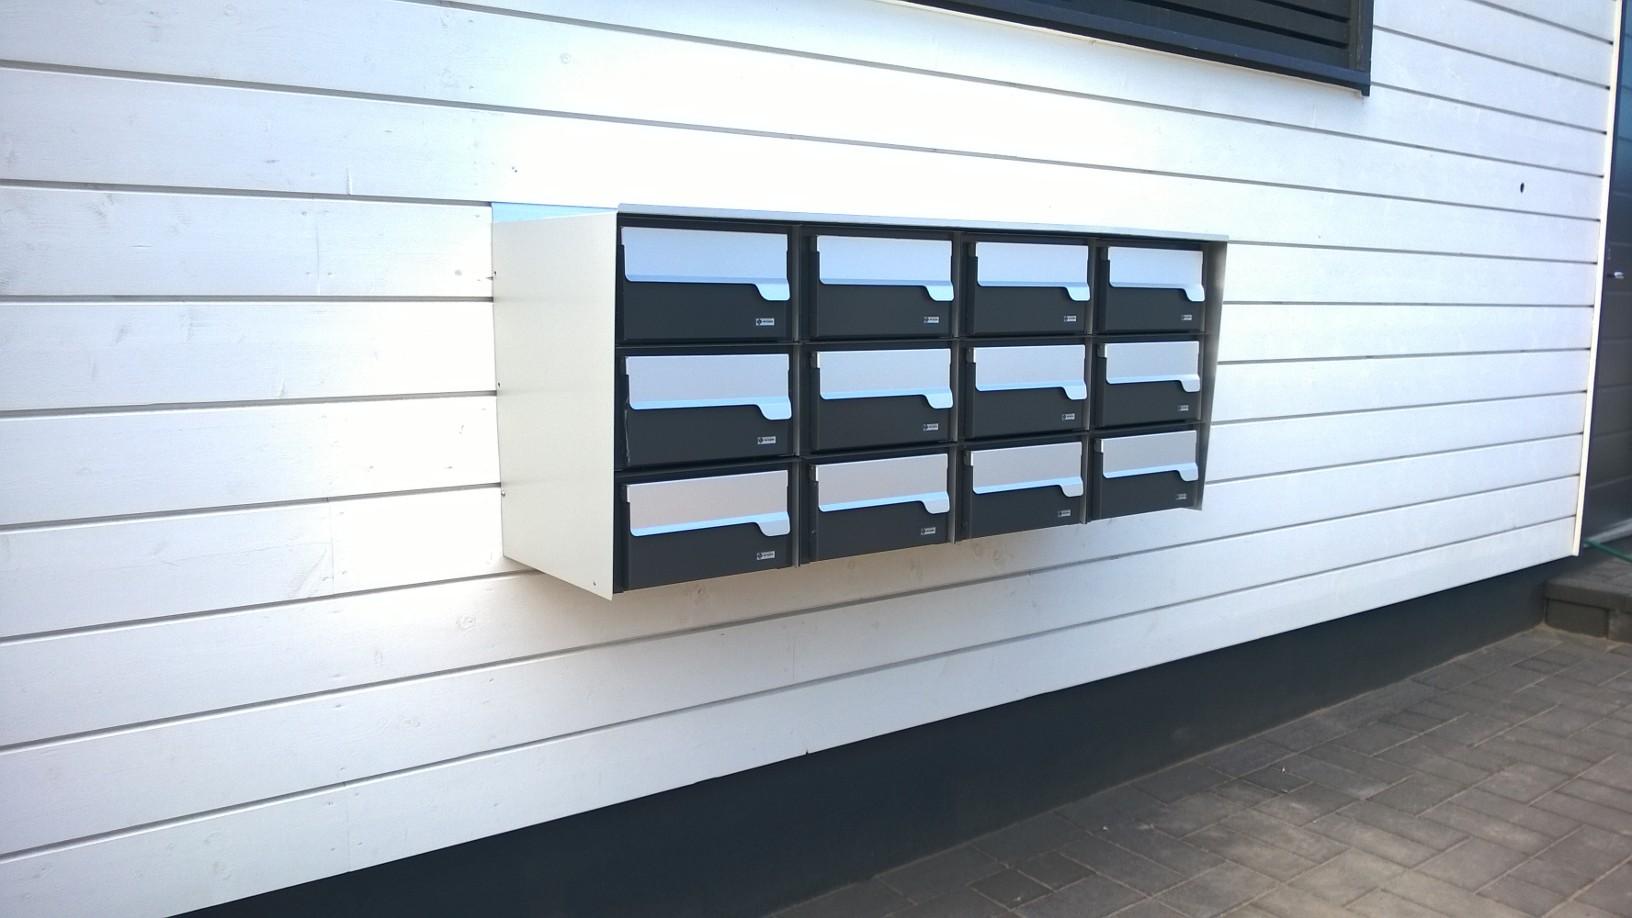 PP Ryhmäpostilaatikot ratkaisevat kiinteistöjen postiongelmat